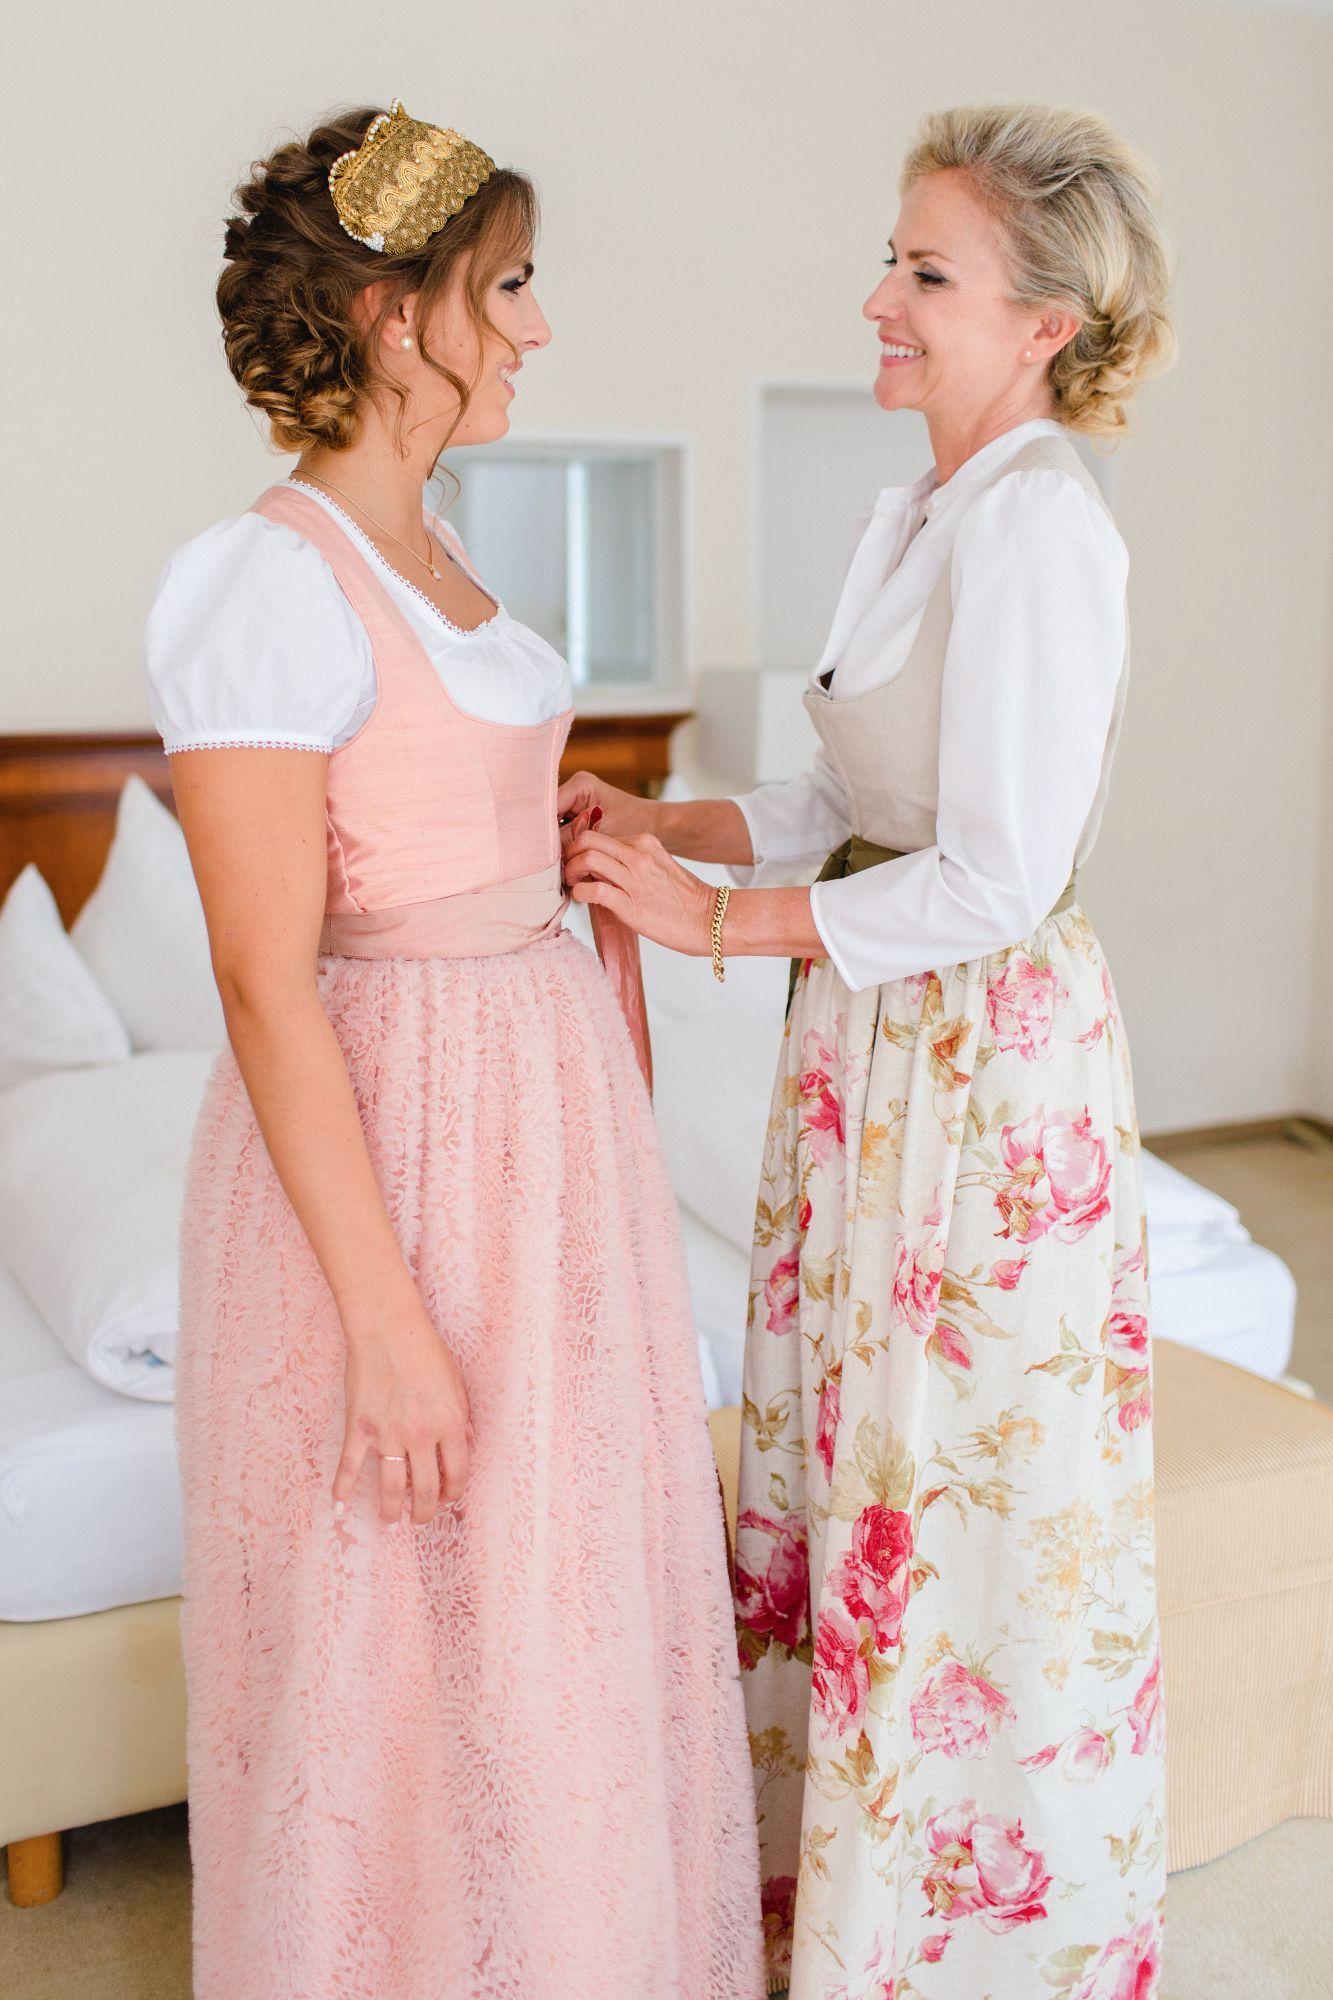 Zauberhafte Inspiration Braut Und Brautmutter Am Hochzeitstag Rosarot Hochzeiten Und Feste Brautmutter Braut Kleider Hochzeit